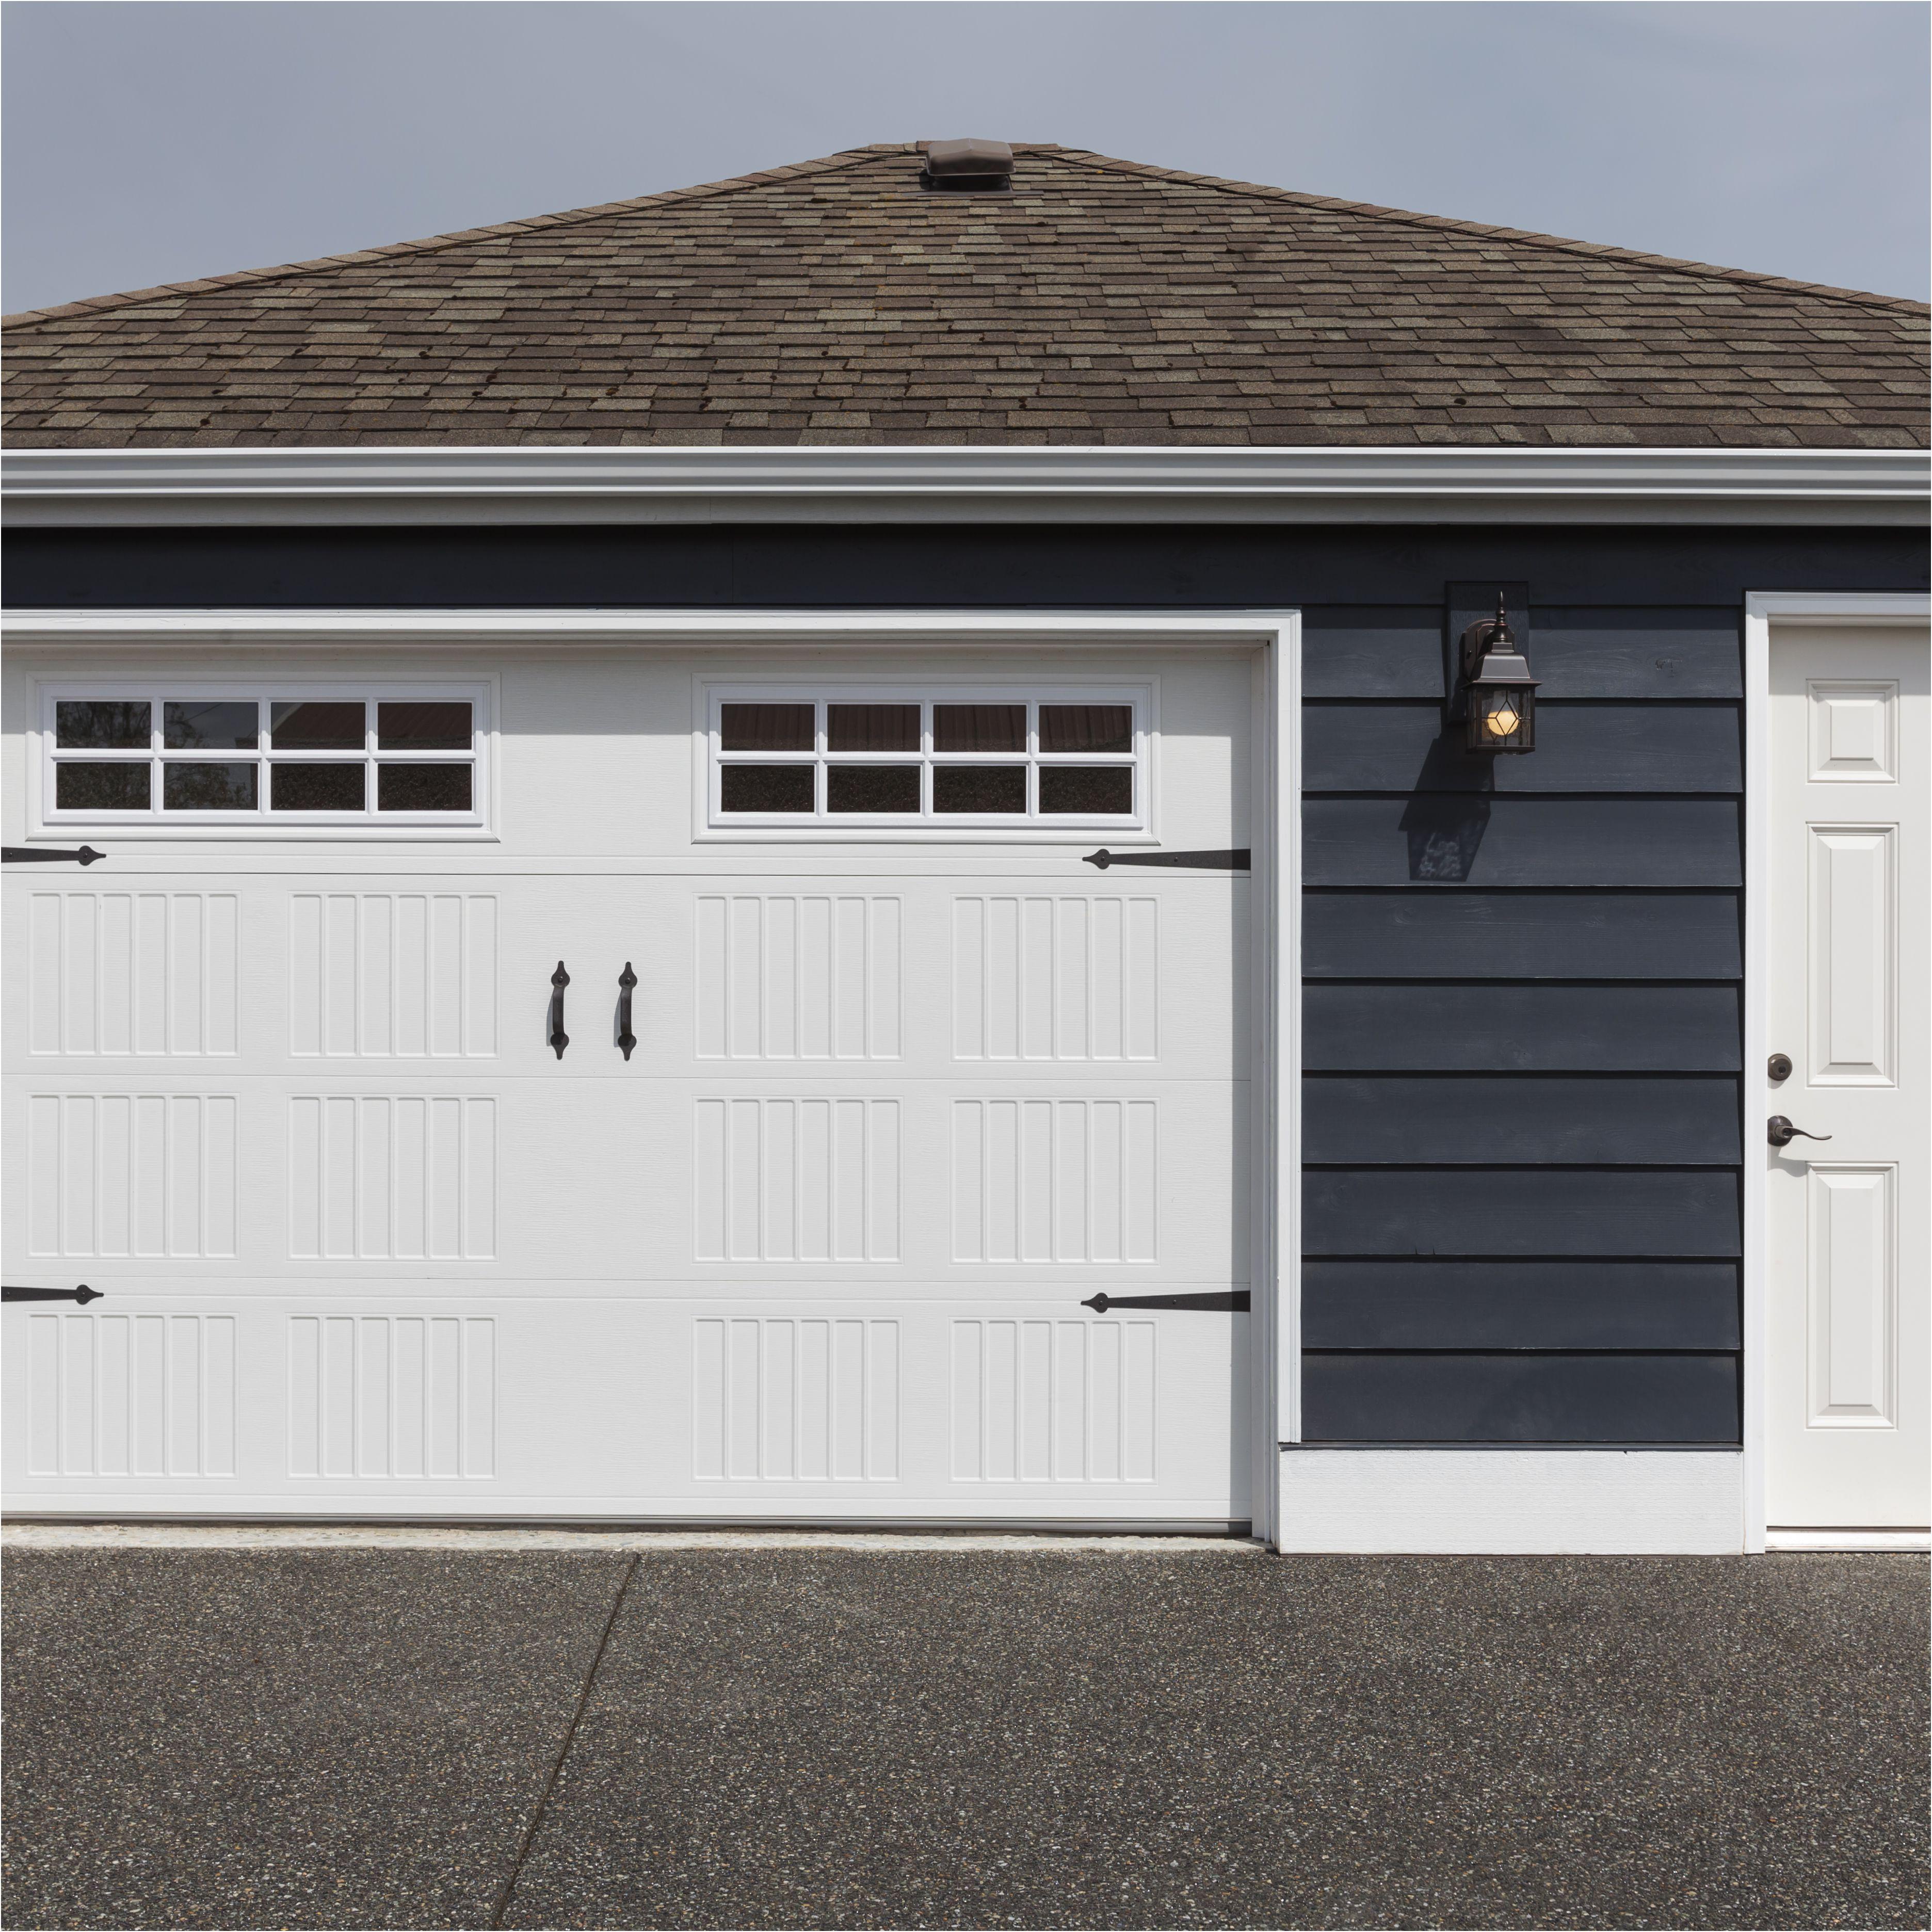 Unique Up and Over Garage Door Repair Kits